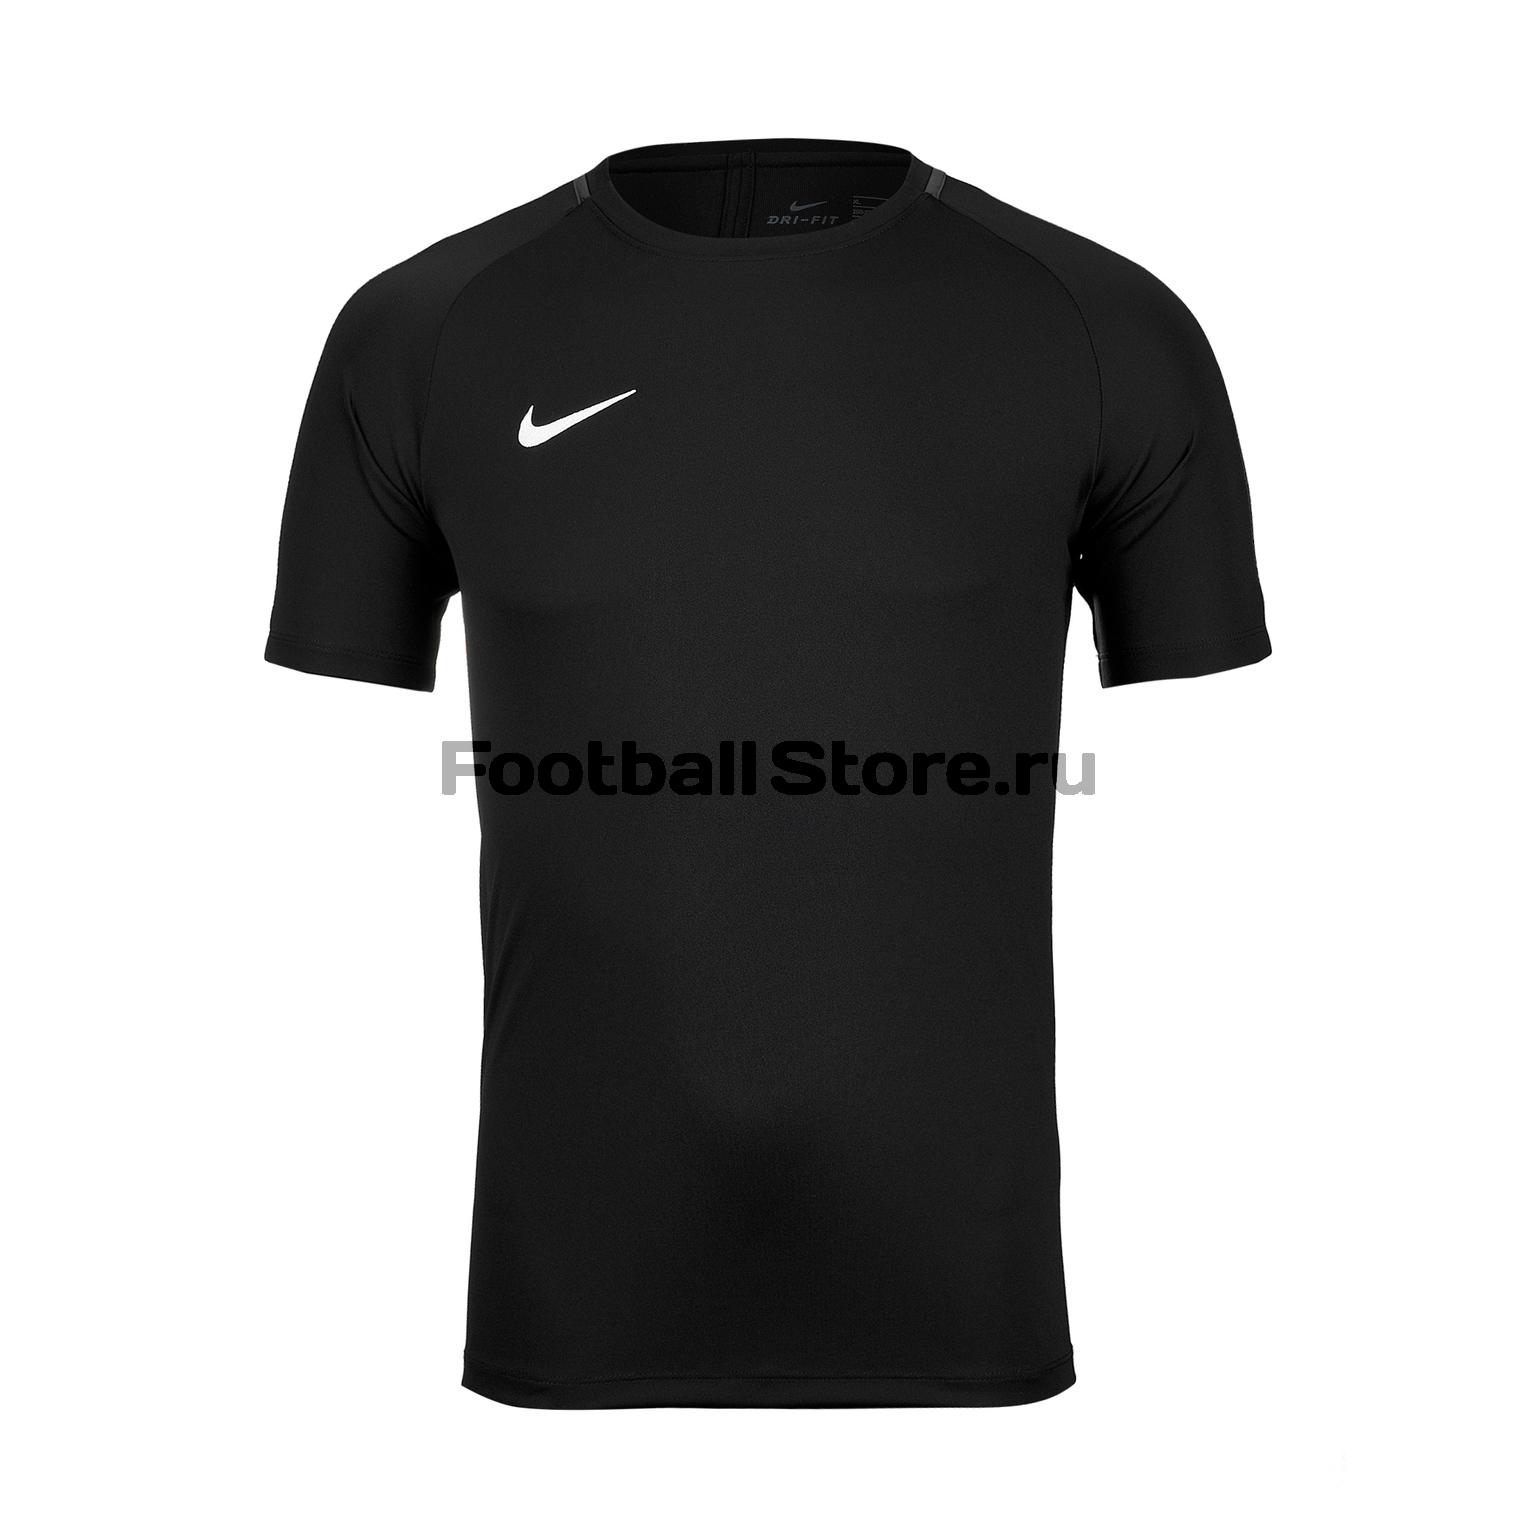 Футболка тренировочная подростковая Nike Academy18 893750-010